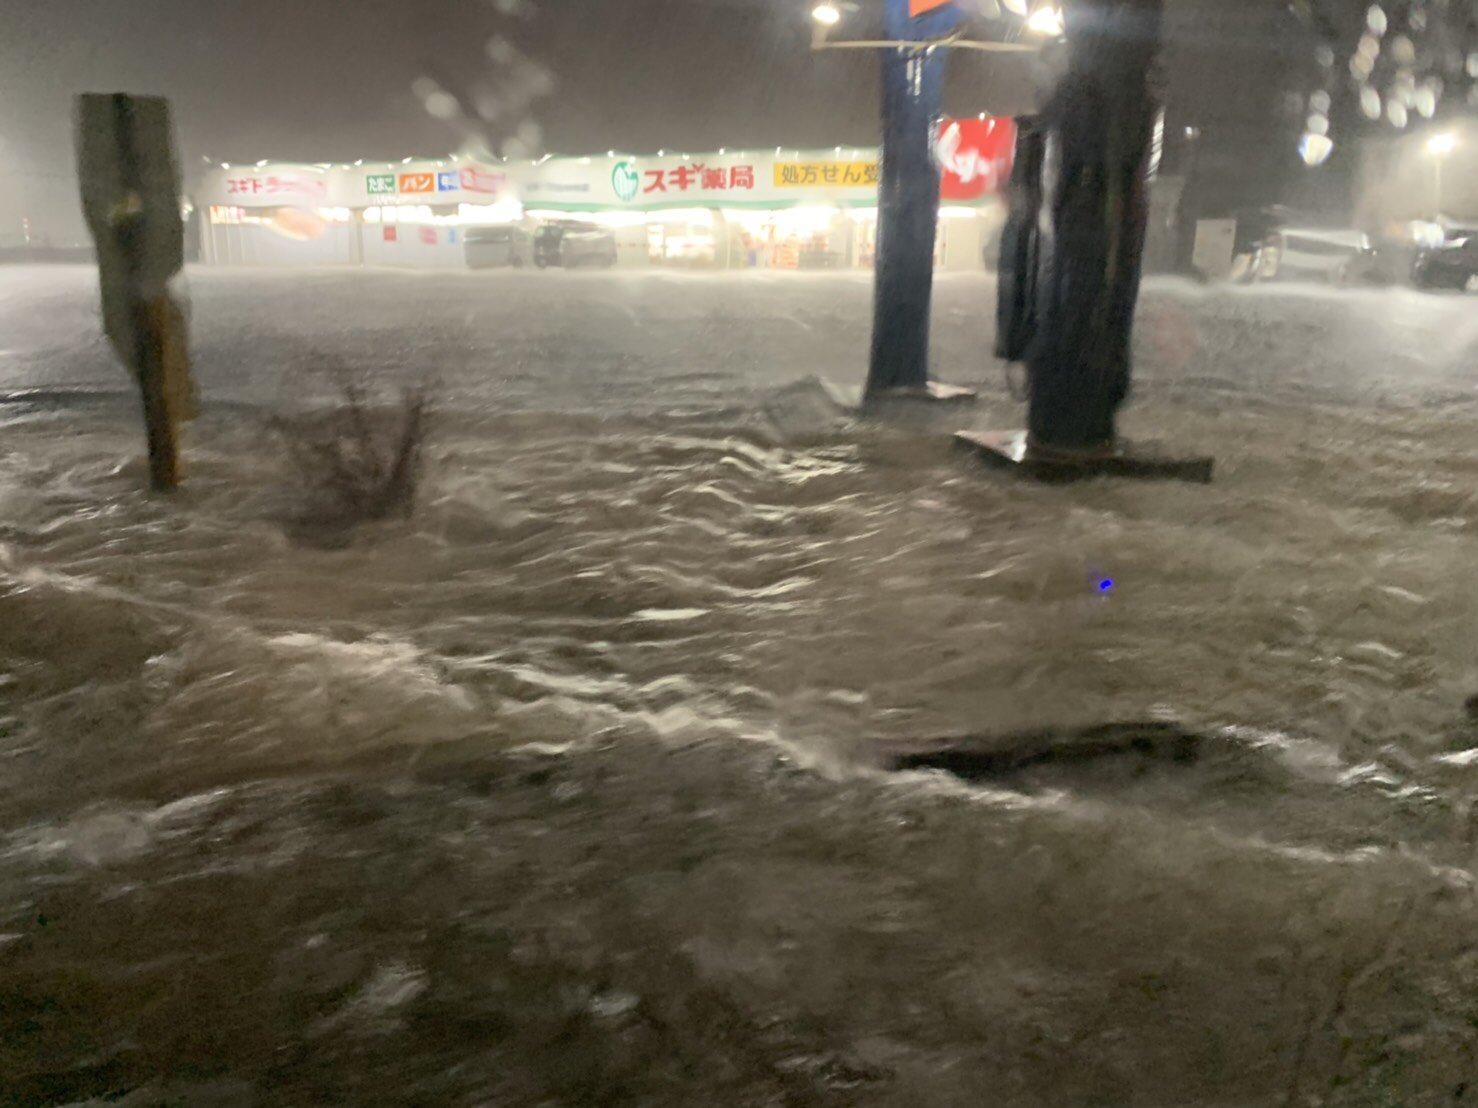 三重県内の大雨で道路が冠水している画像